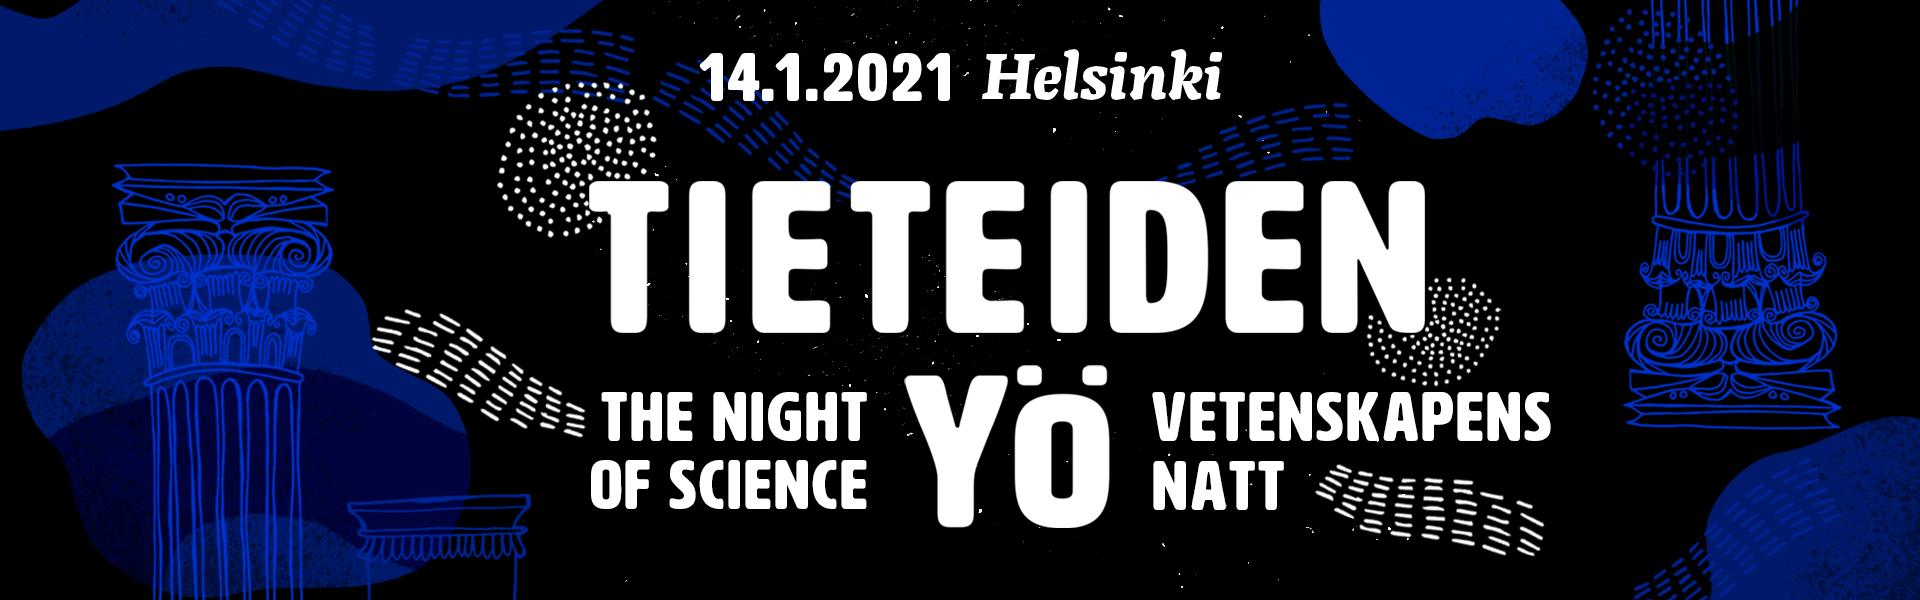 Tieteiden yön visuaalisista elementeistä koottu banneri.